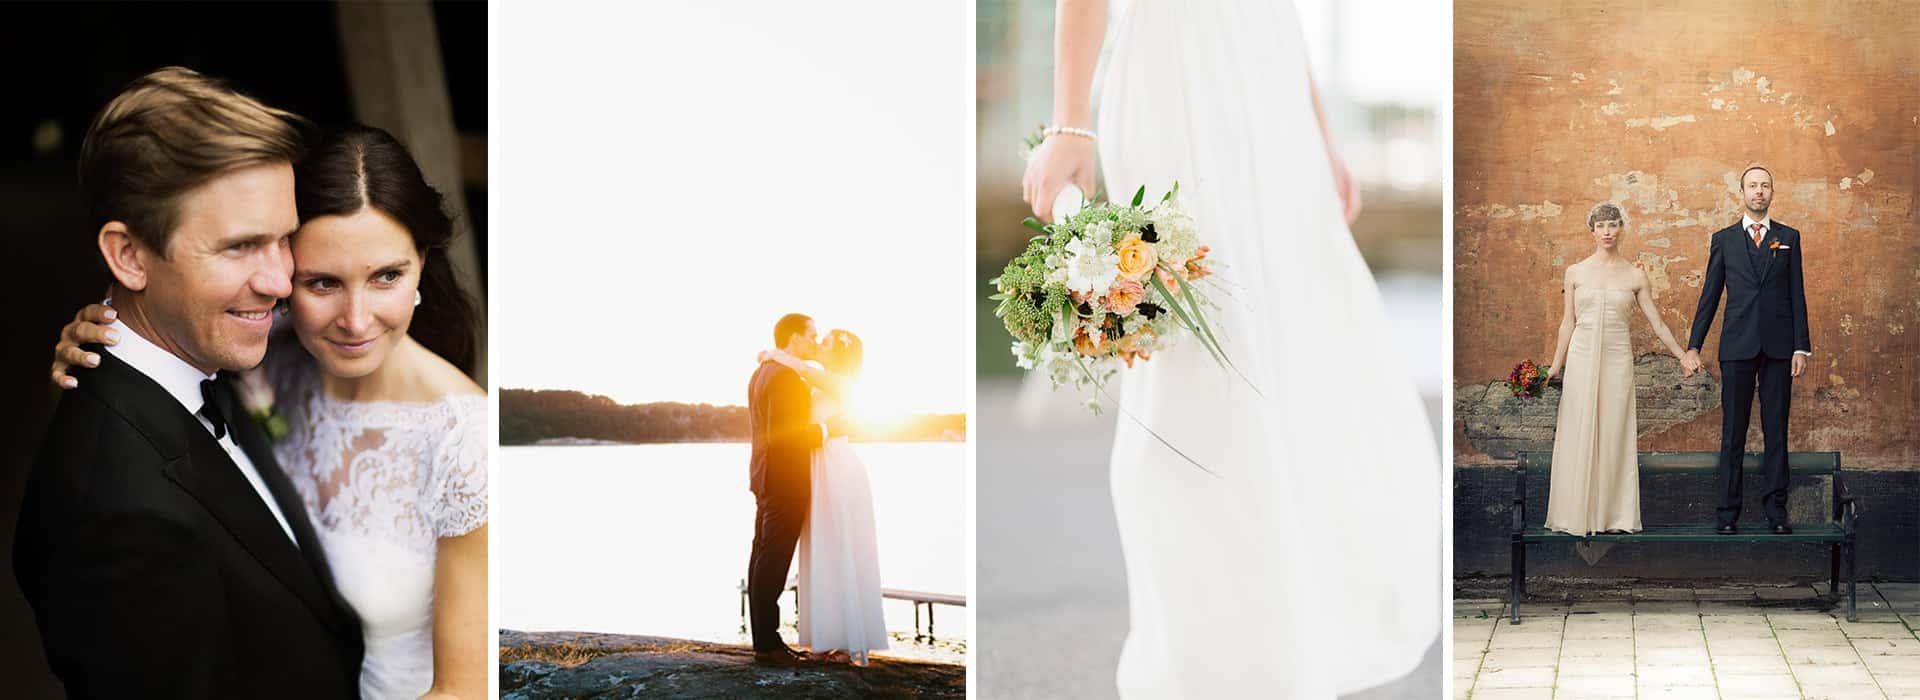 Bröllopsfotograf Oskar Allerby håller föredrag på Scandinavian Photo